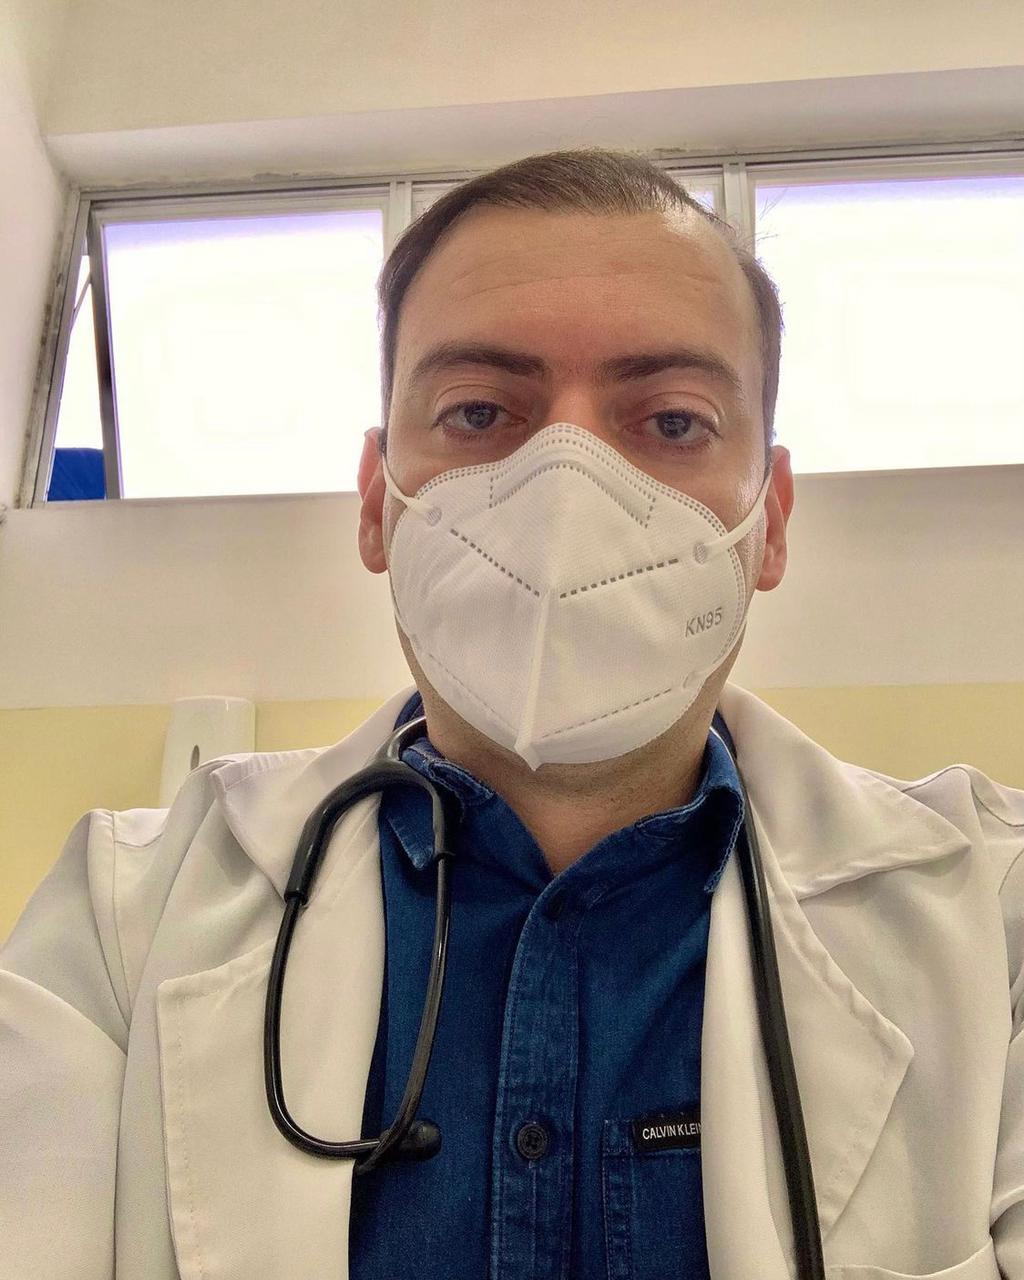 WhatsApp Image 2021 06 03 at 08.50.00 1 - Médico paraibano, Gabriel do Cavaco alcança 1 bilhão de visualizações em músicas de sua autoria no YouTube